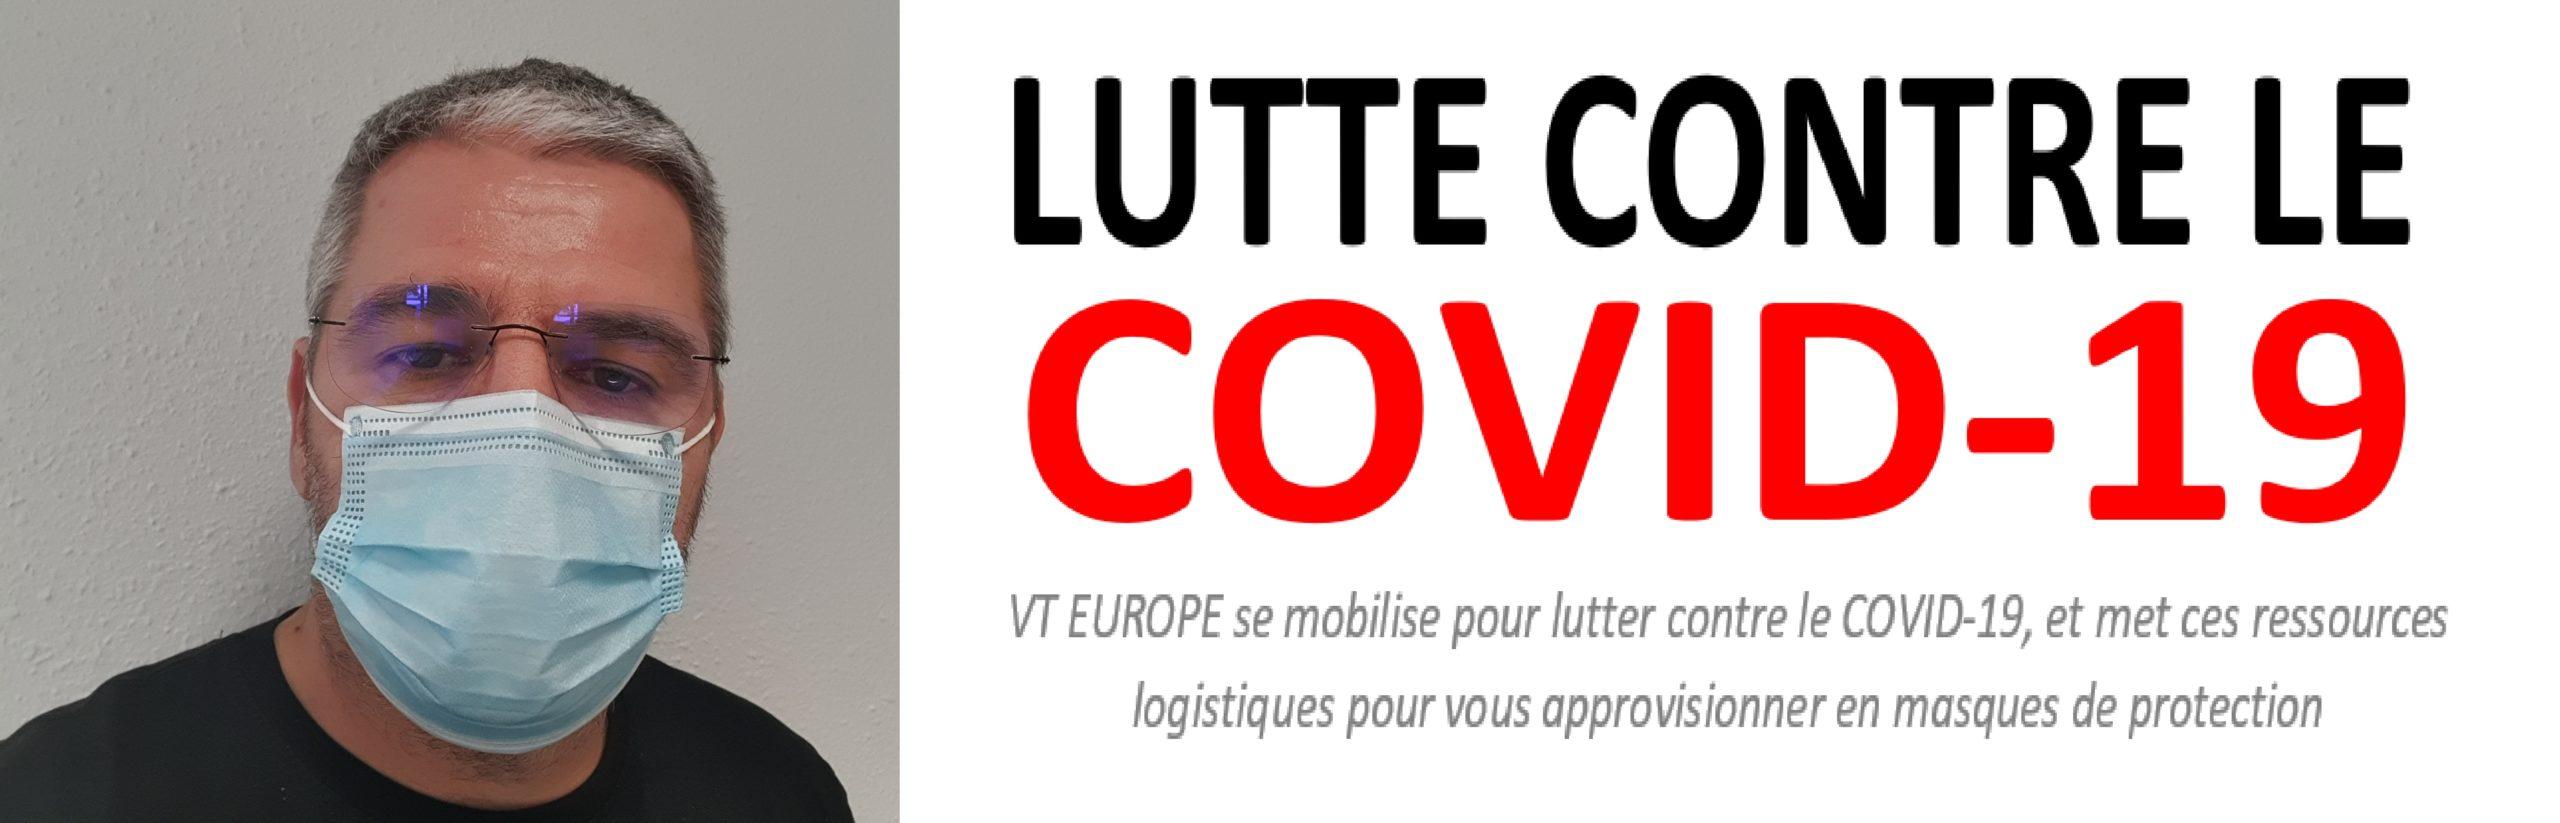 LUTTE CONTRE LE COVID-19